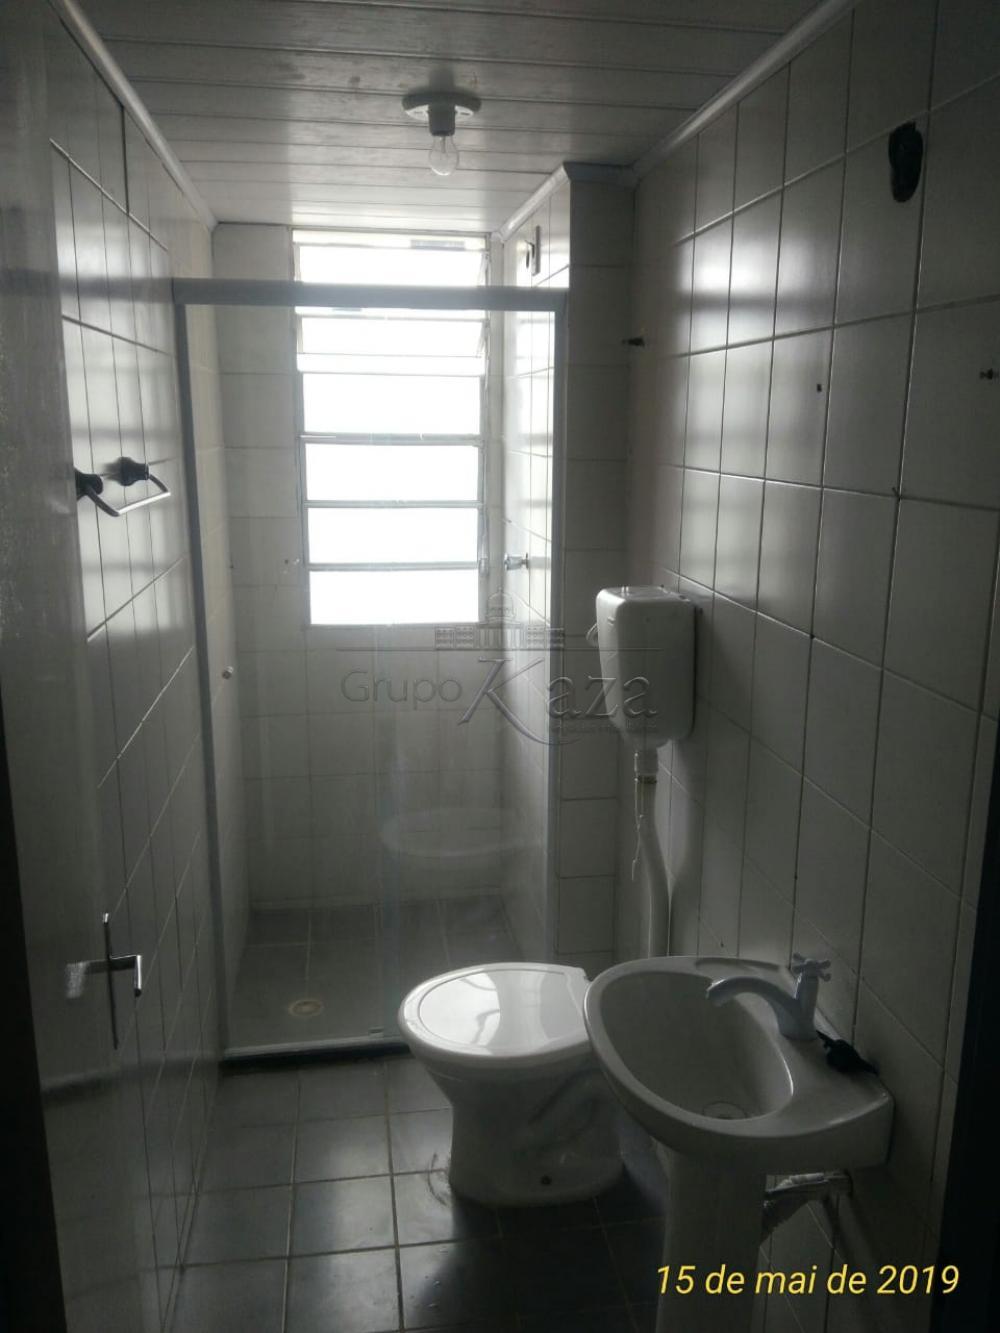 Alugar Apartamento / Padrão em São José dos Campos apenas R$ 550,00 - Foto 10